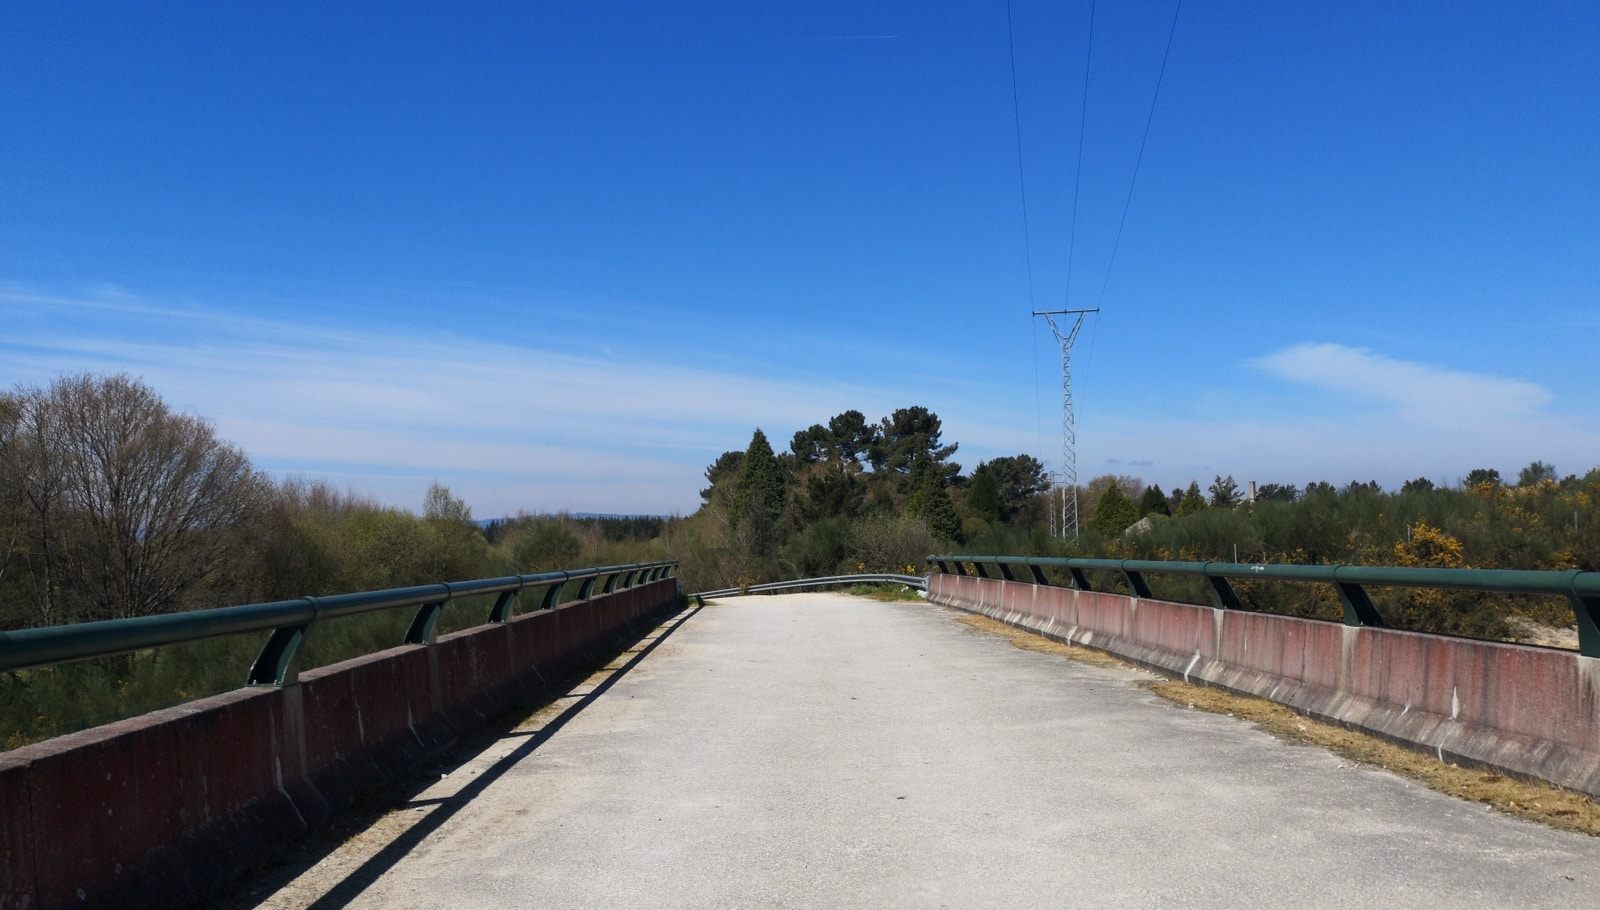 Fast am Ziel in Lugo haben wir dann auch endlich wieder Sonnenschein auf dem Camino Primitivo.